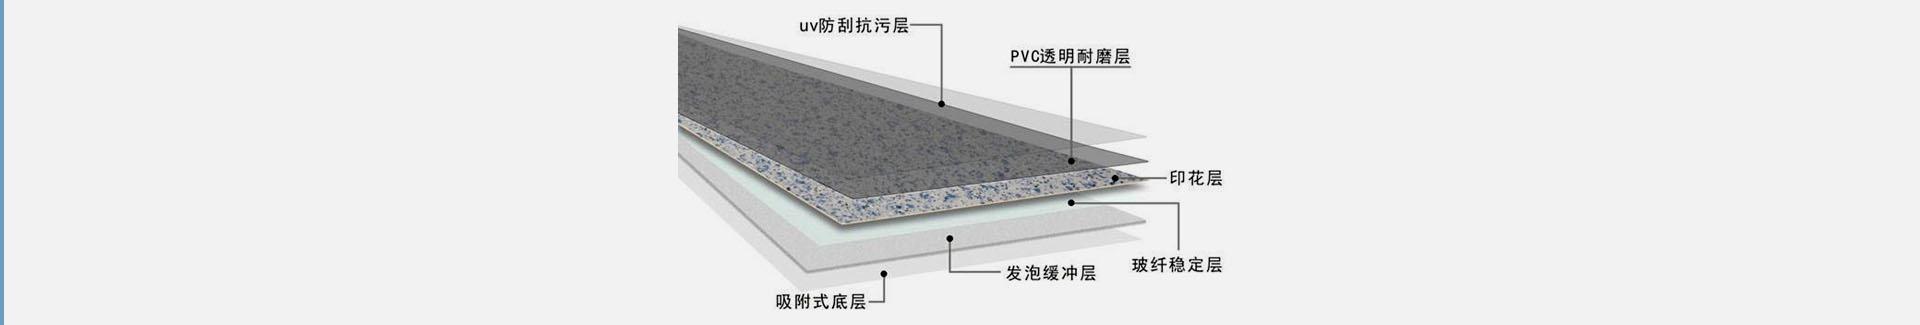 同质透心复合地板